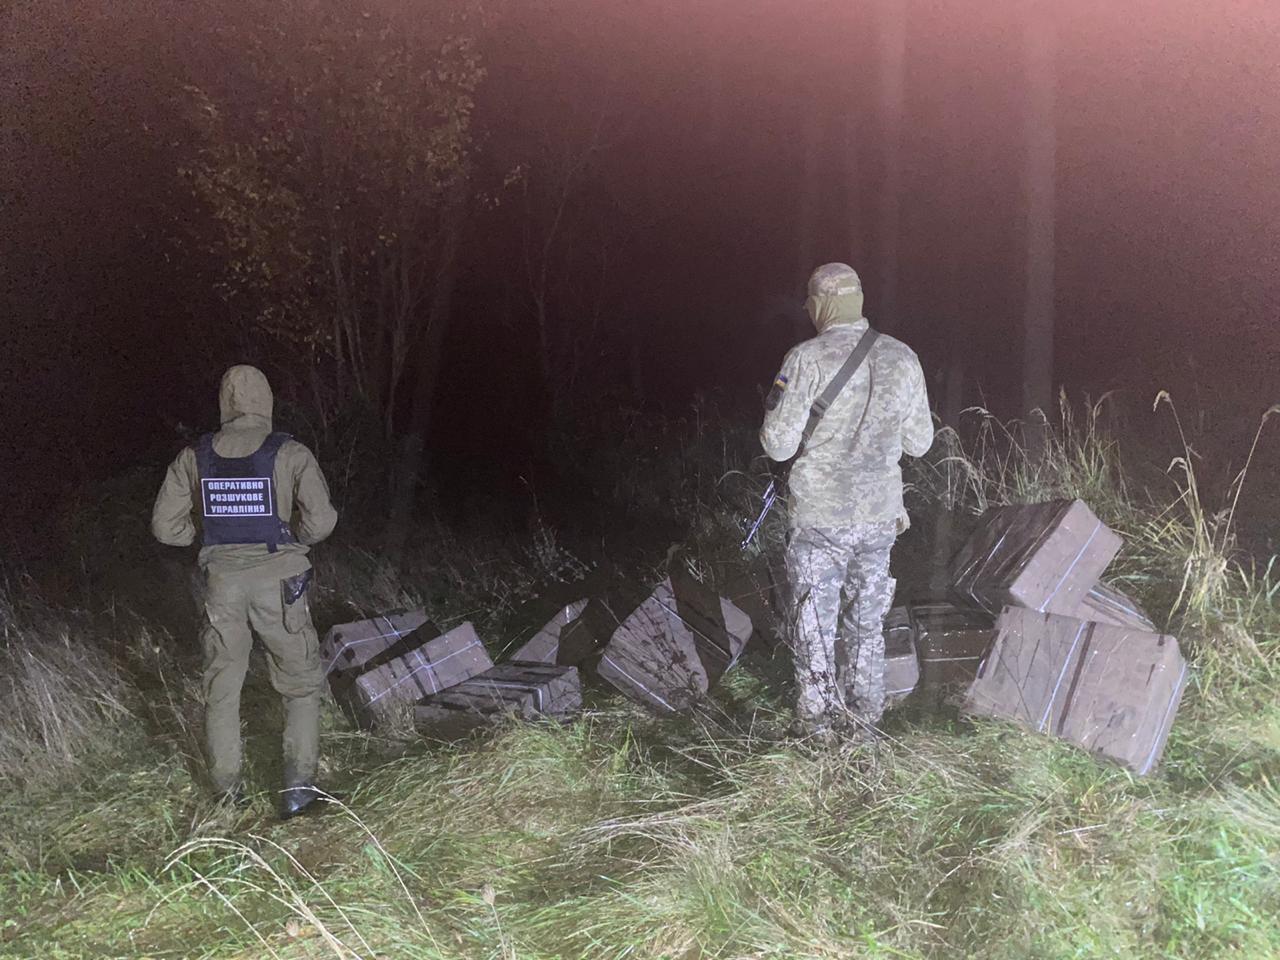 Контрабандисти намагались перемістити через кордон 6 тисяч пачок сигарет